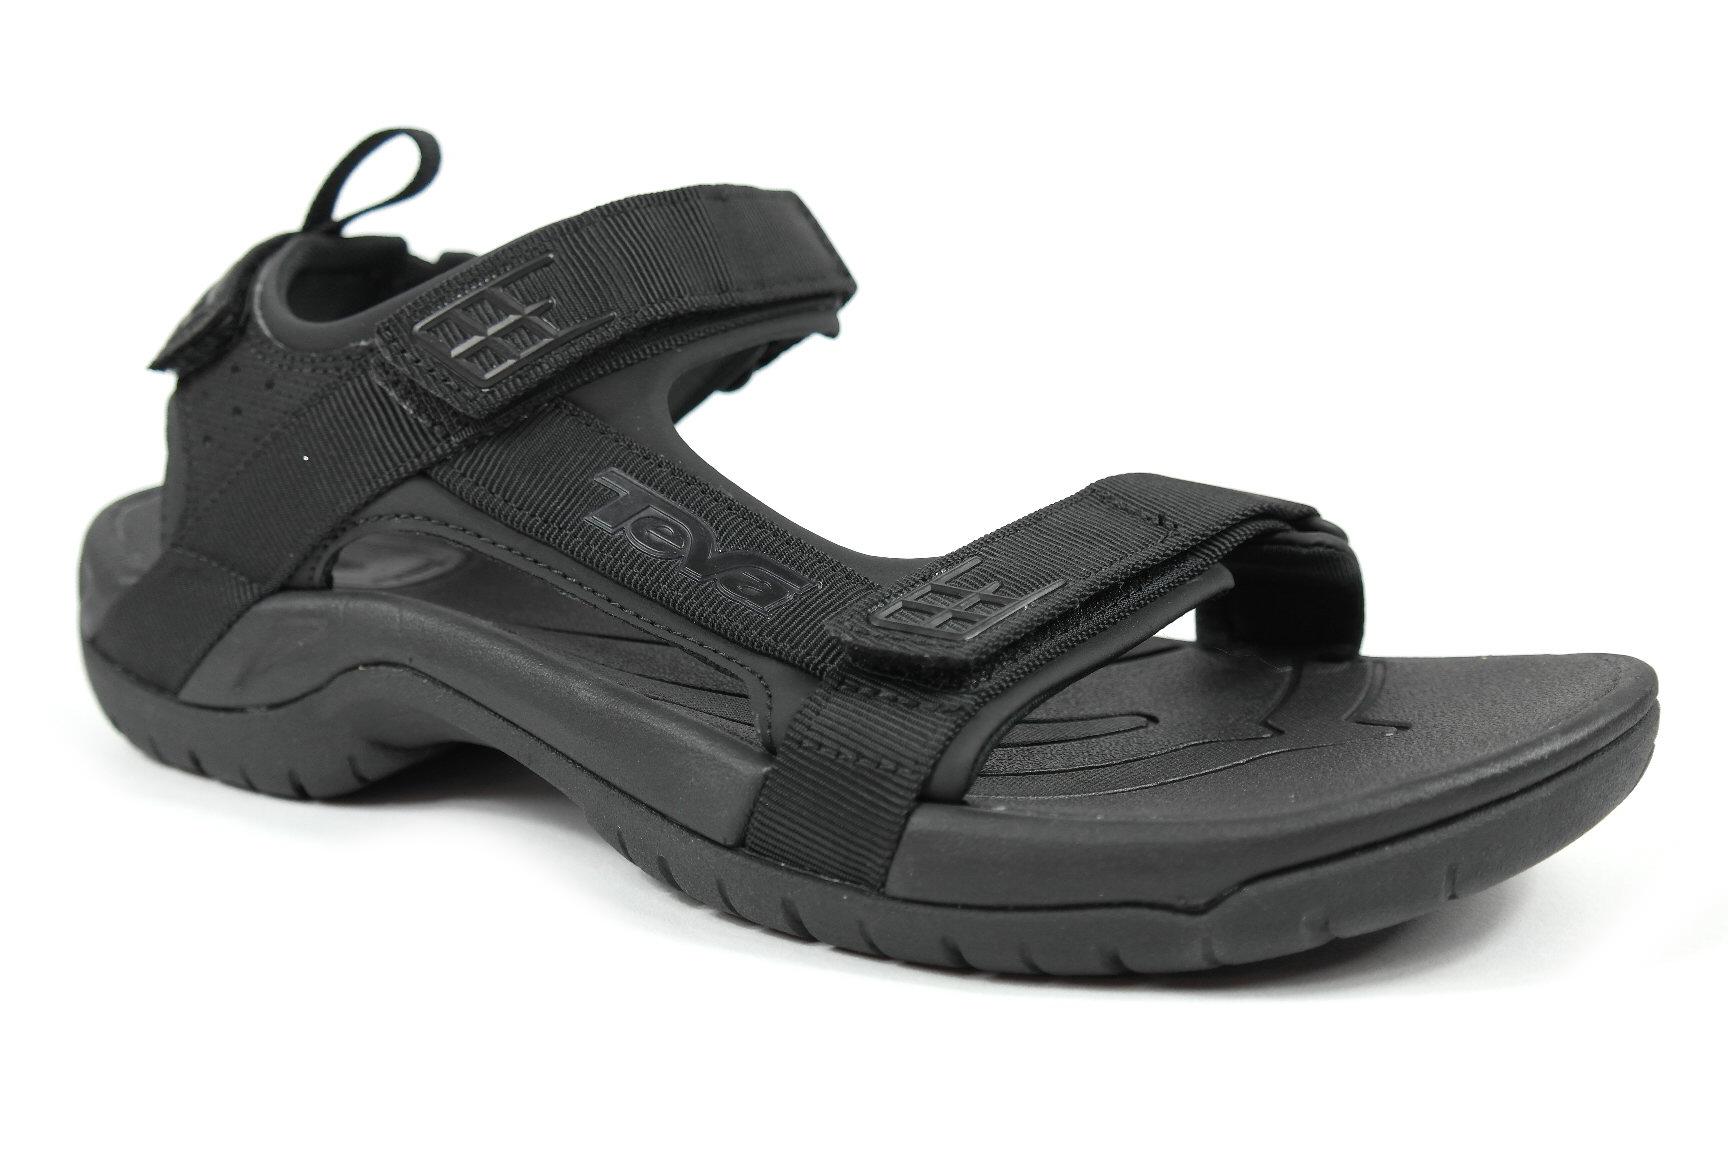 Teva Chaussures Noires Pour Les Hommes 43aezMs